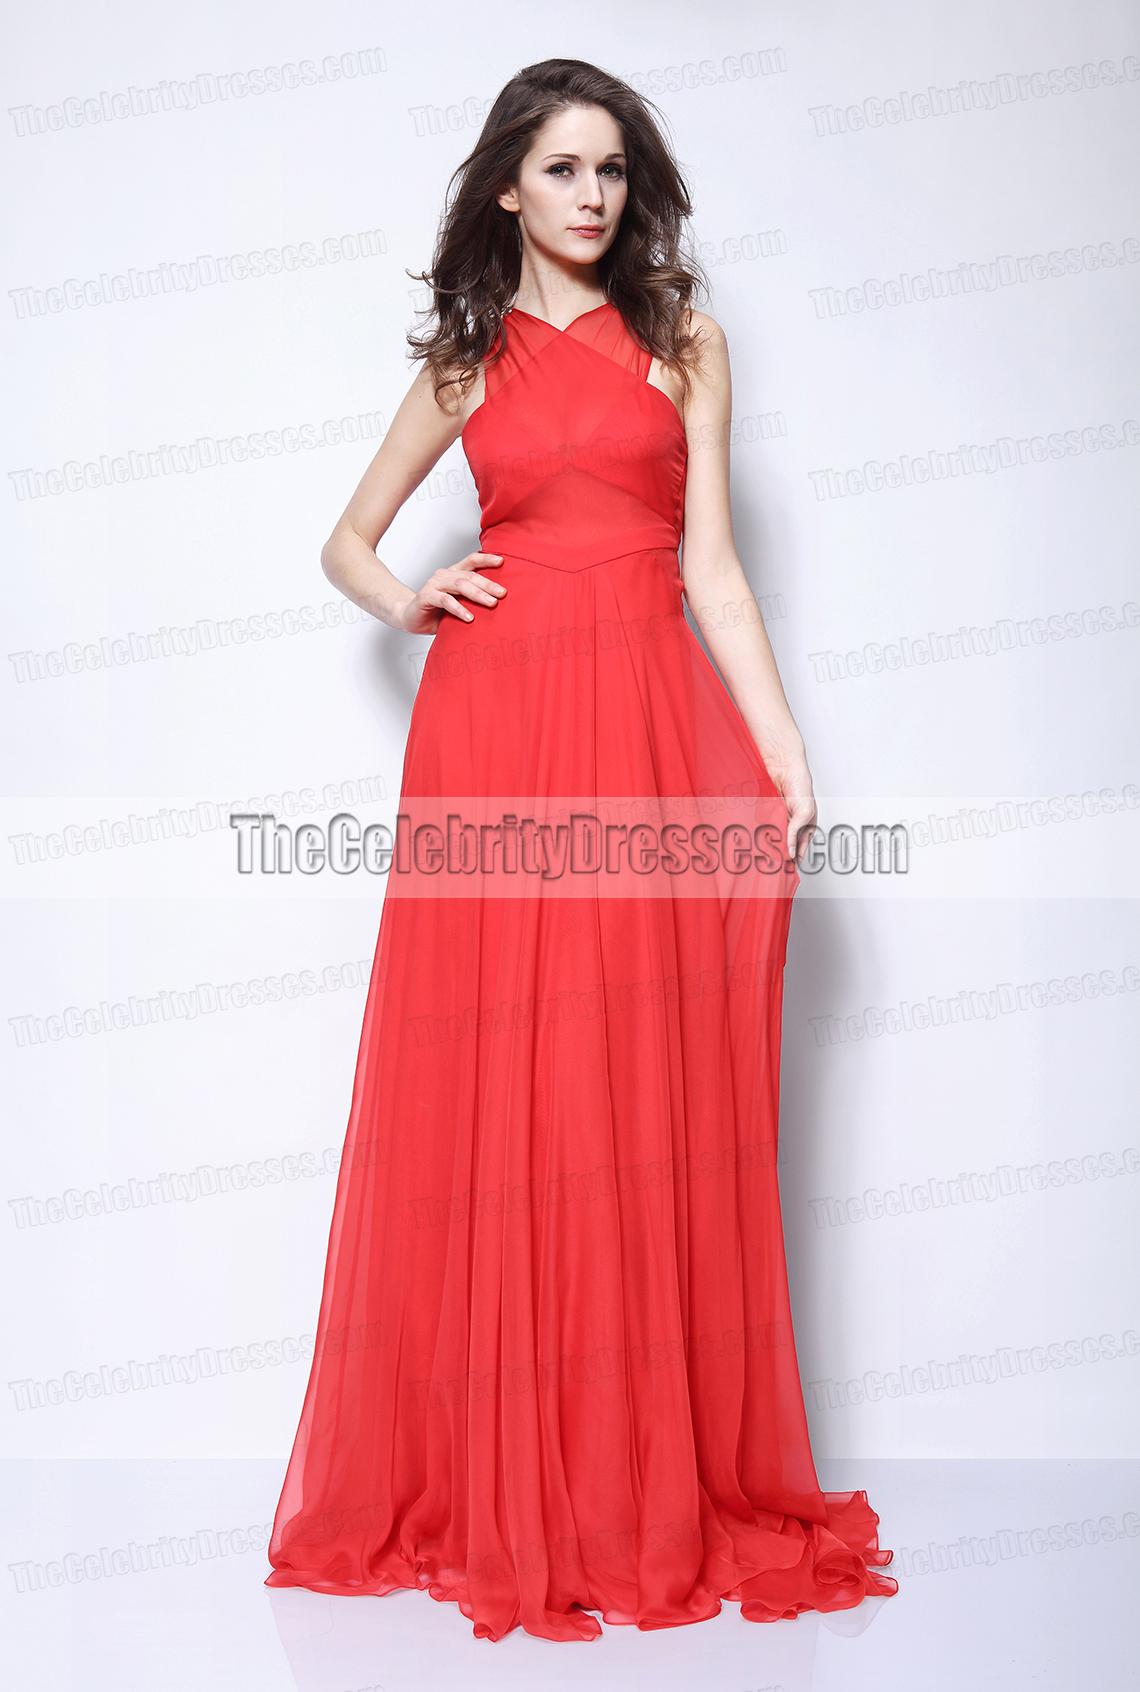 Rihanna Ballkleid Grammys 2013 Roter Teppich Formeller Abendkleid ...